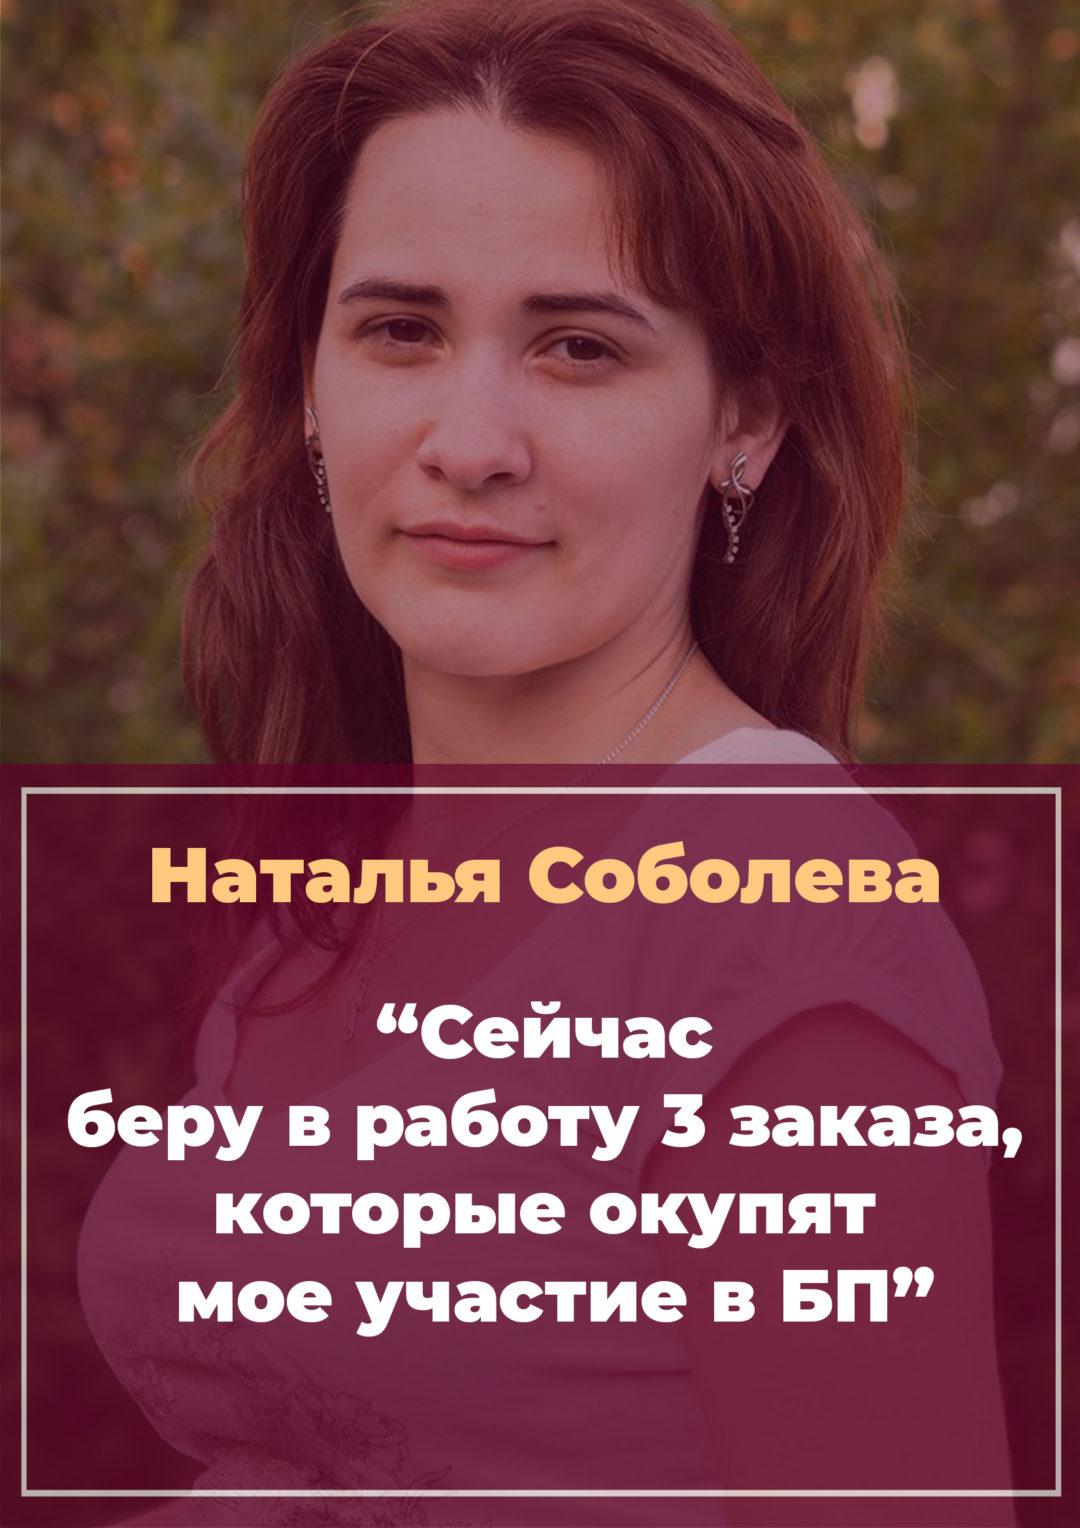 История Натальи Соболевой